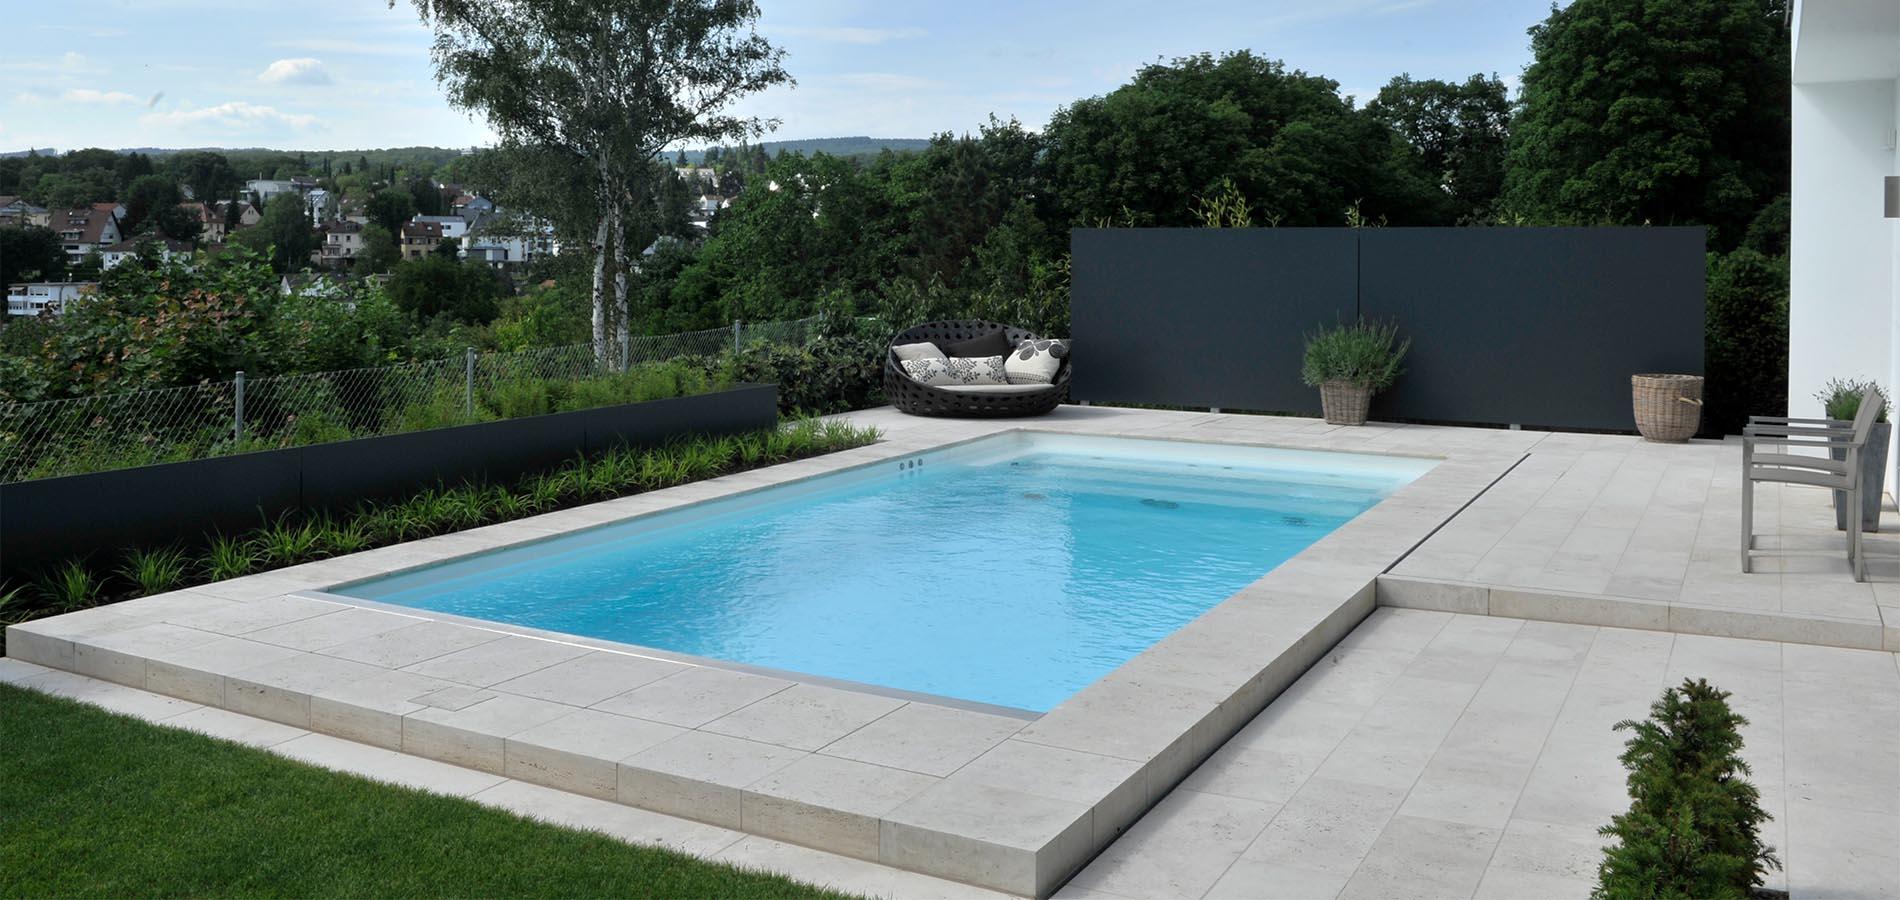 Poolumrandung und Bodenplatten aus Bauhaus Travertin von TRACO